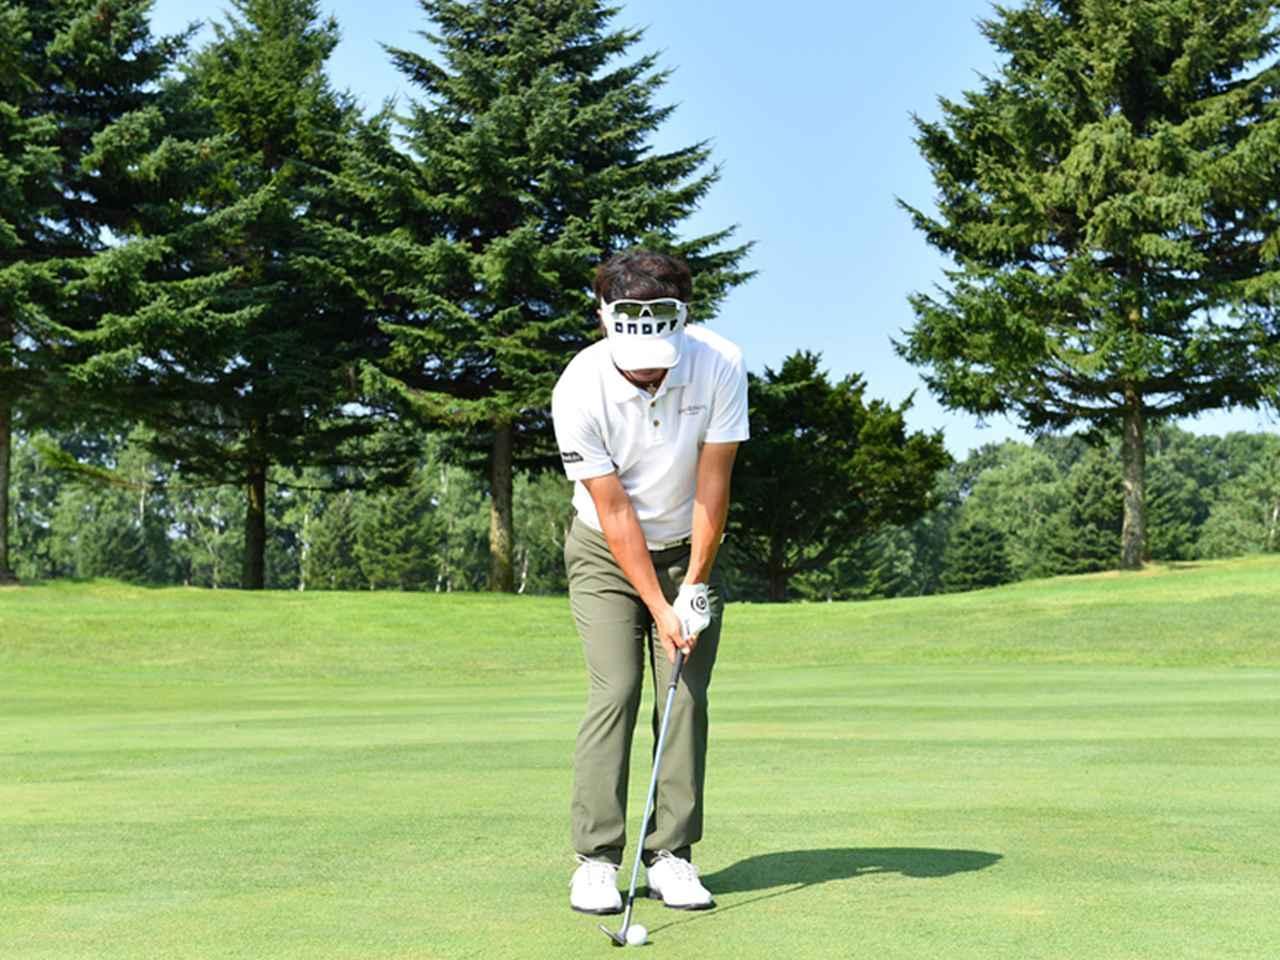 画像1: ボールは右足の前。右手の角度はキープしたまま、体の回転で打つ